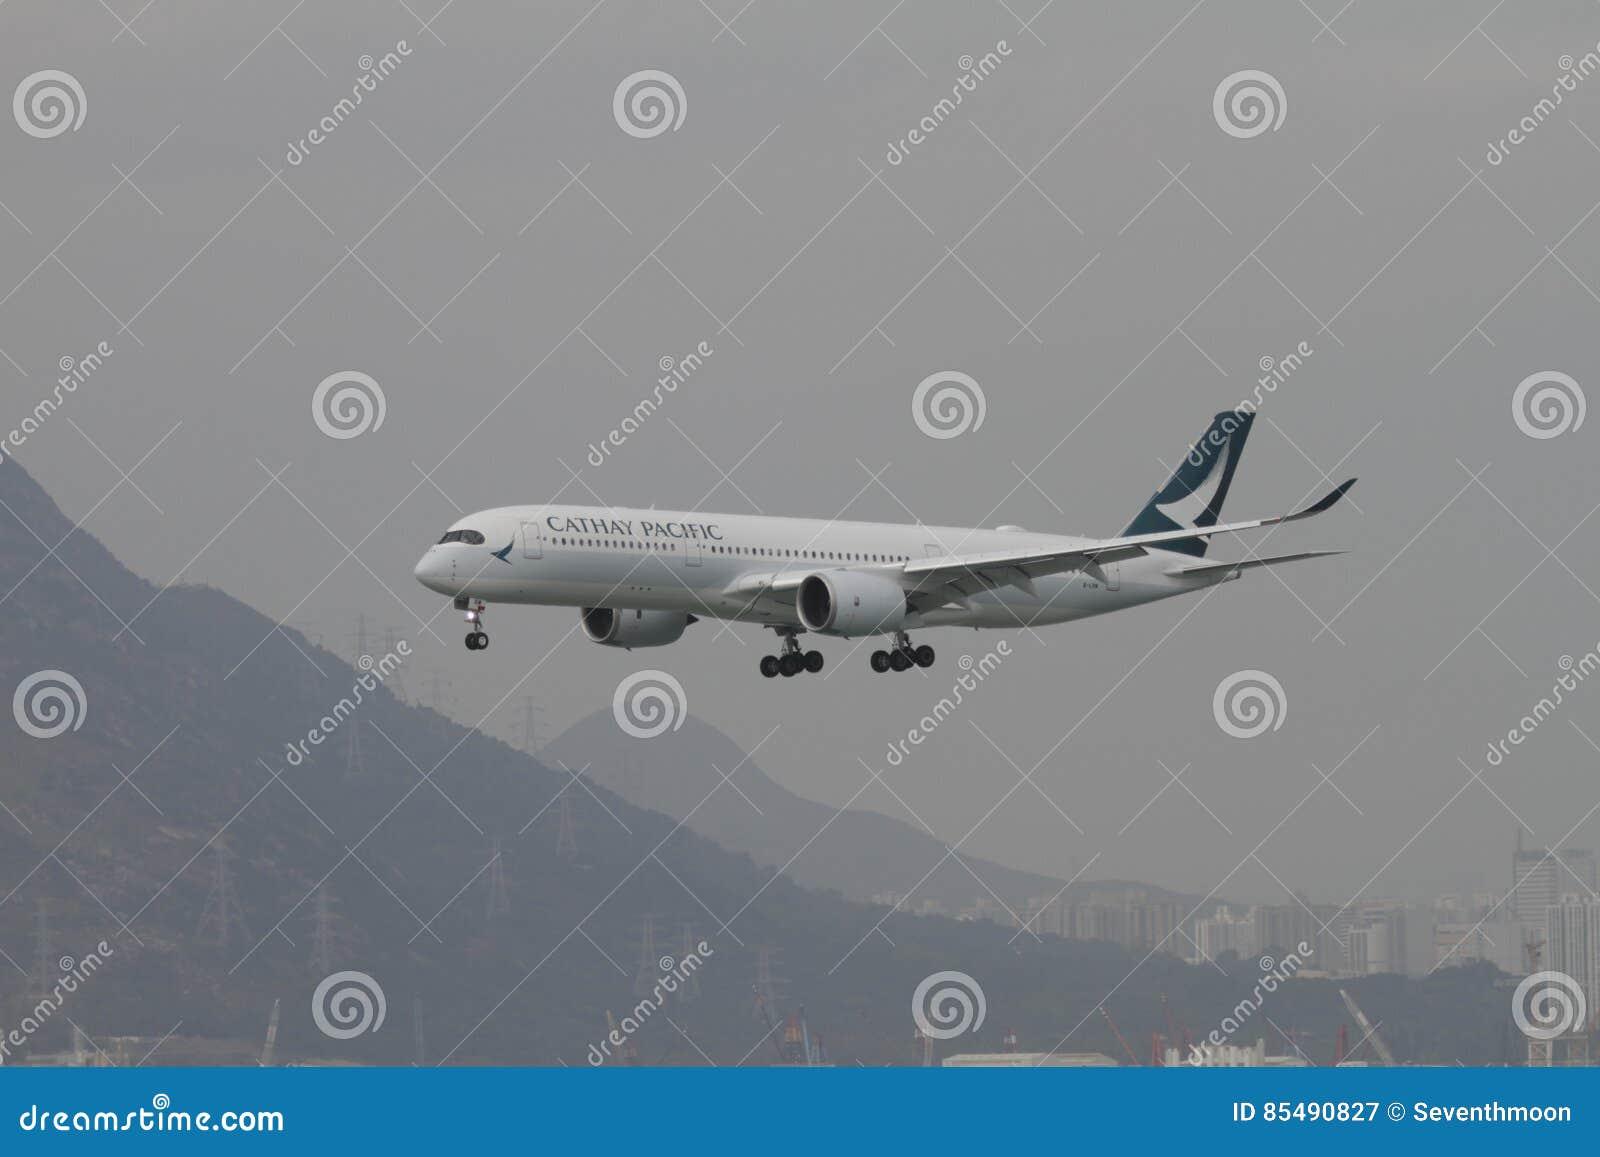 Cathay Pacific A350 Flight Landing Hong Kong